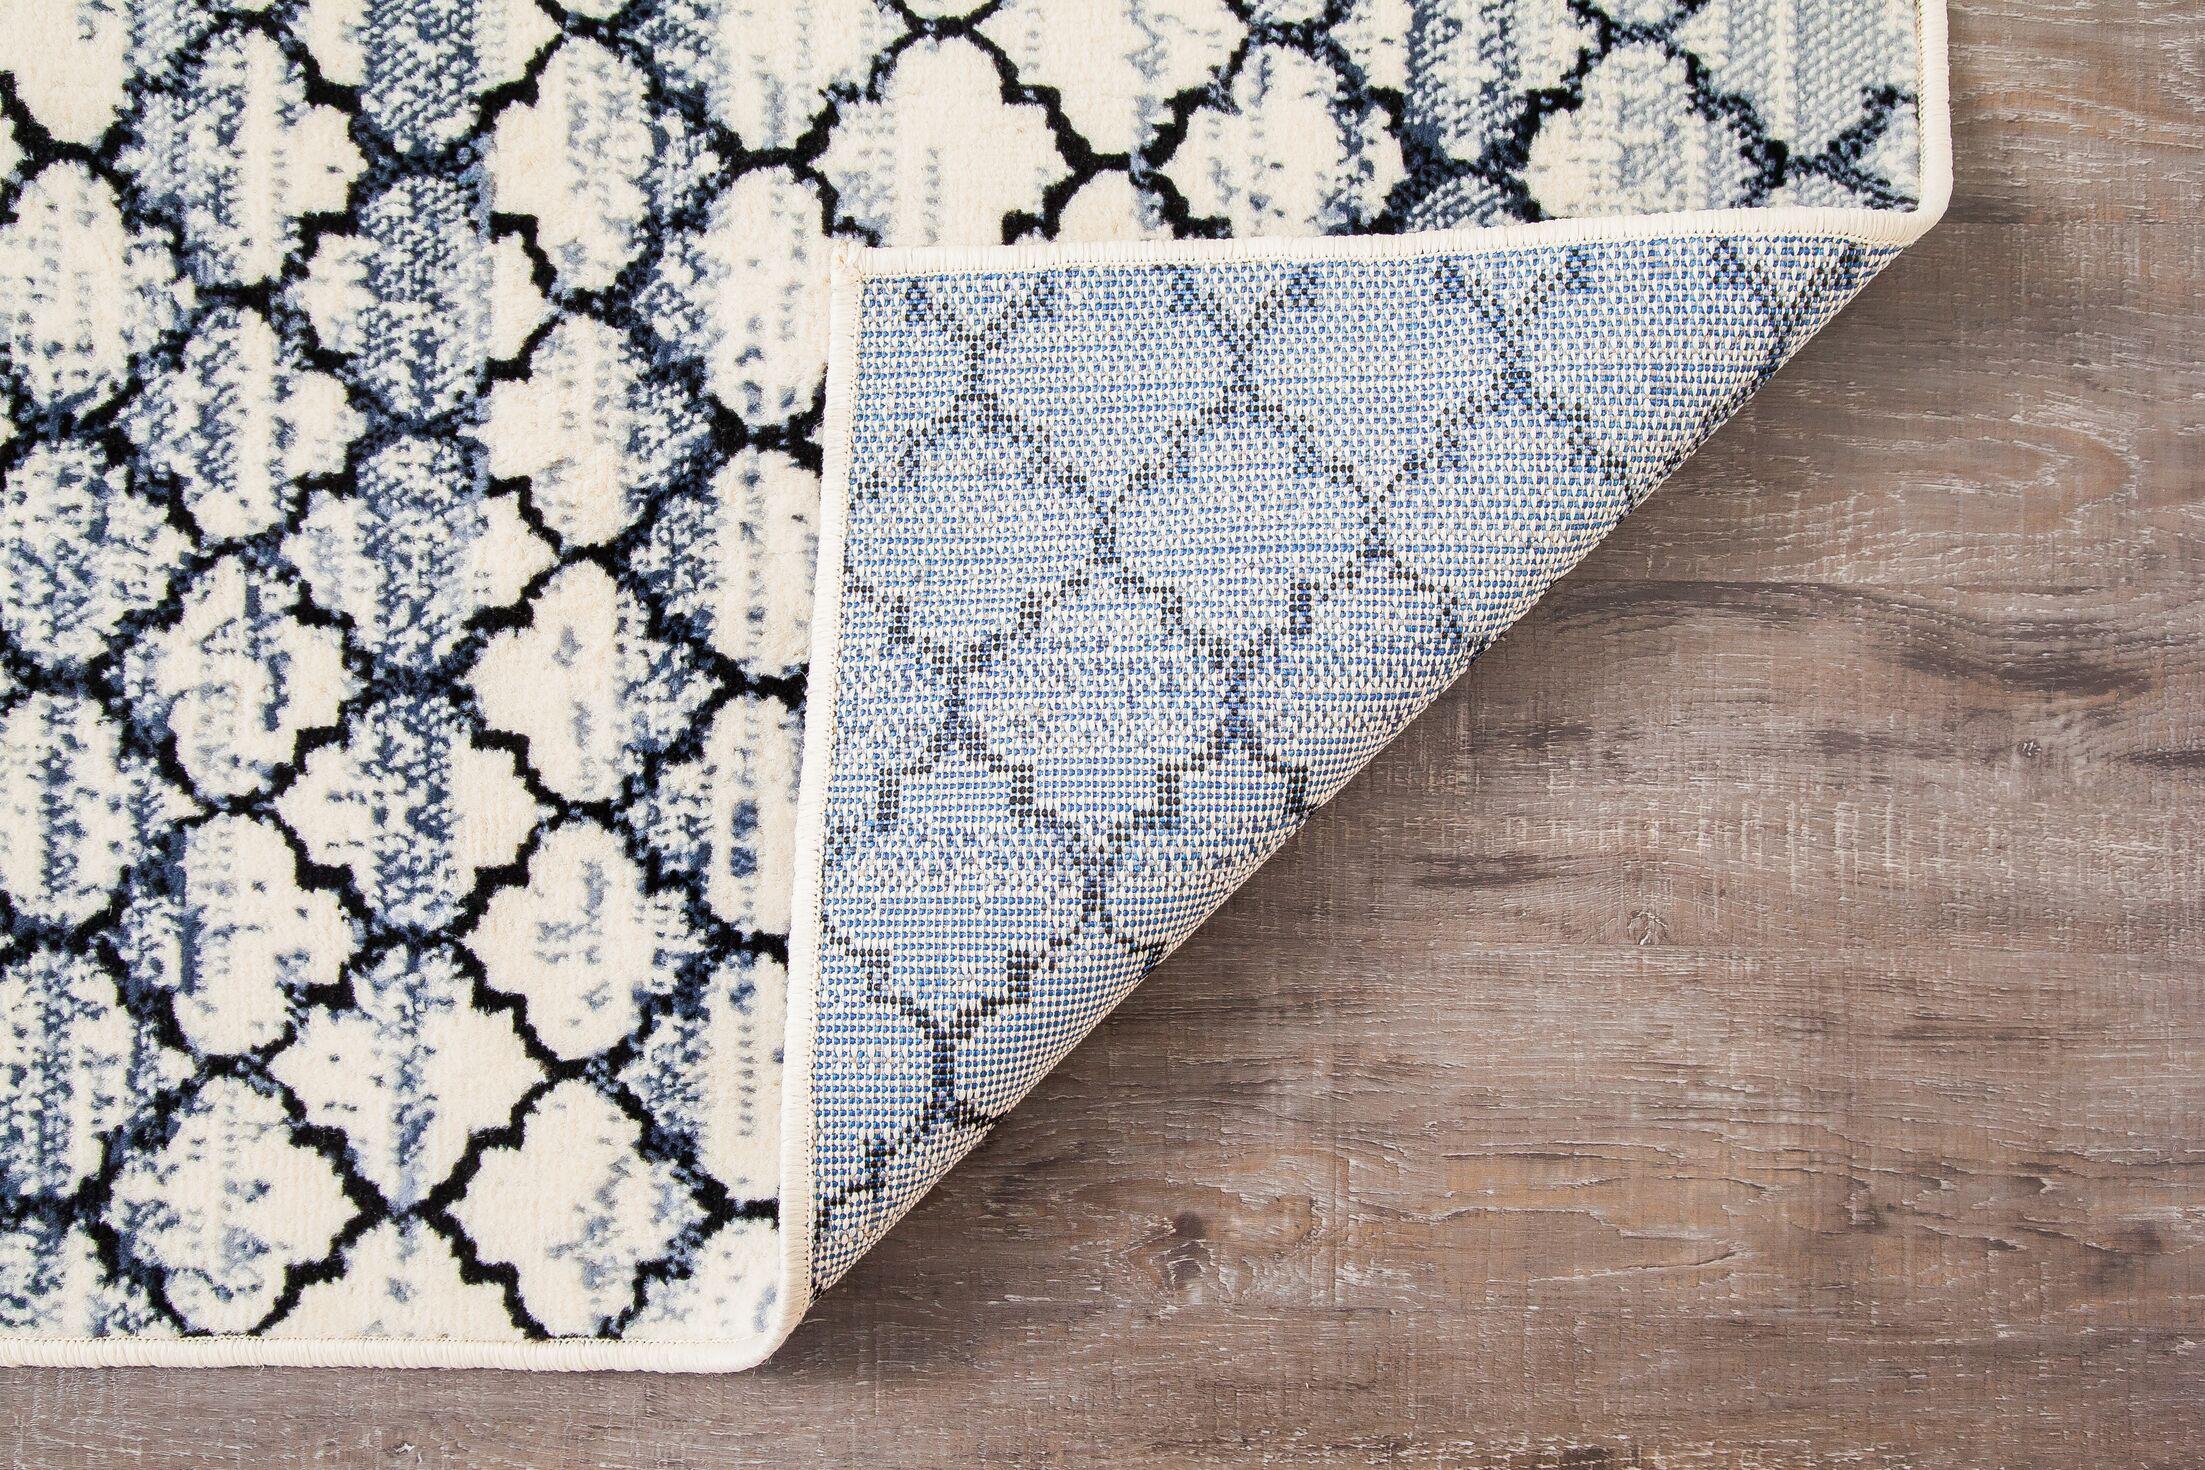 Macclenny Lattice Abrash Black/Ivory Area Rug Rug Size: Rectangle 8' x 10'